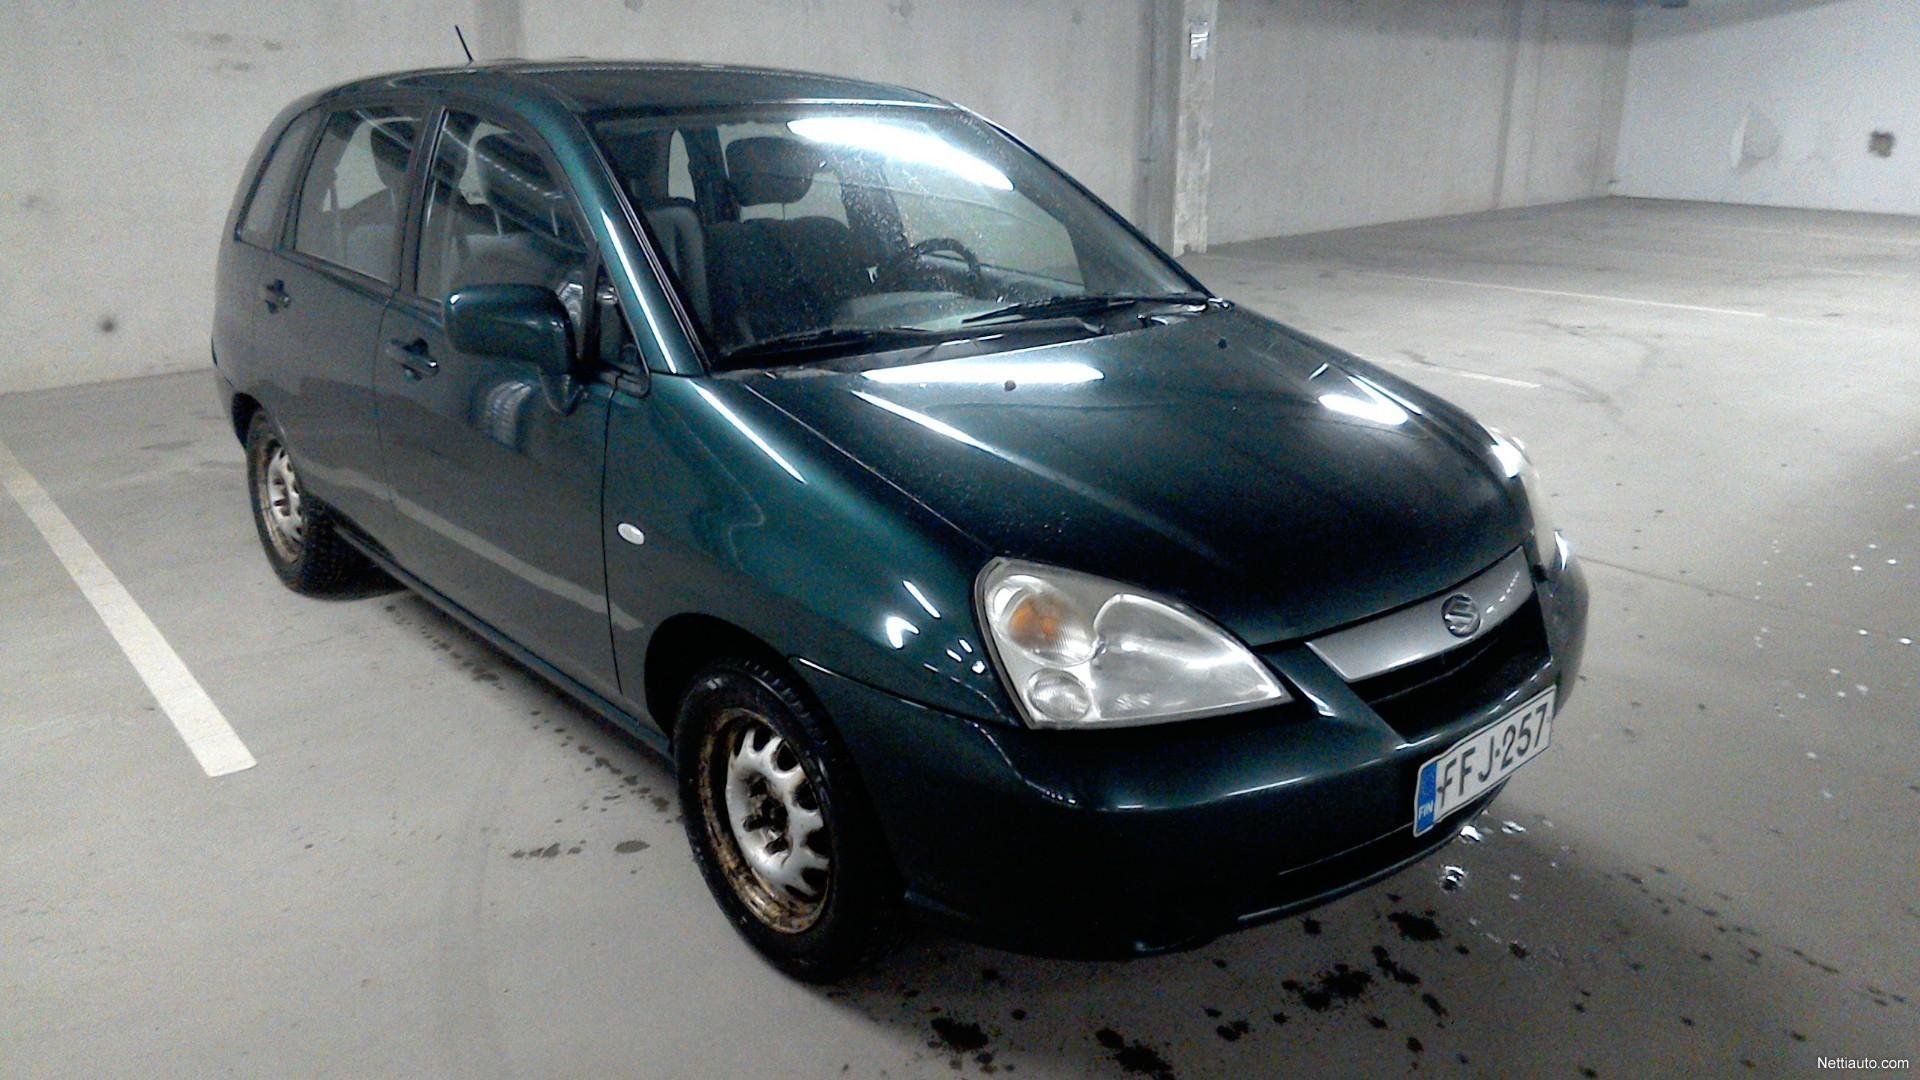 suzuki liana 1 6 wagon 5d station wagon 2002 used vehicle